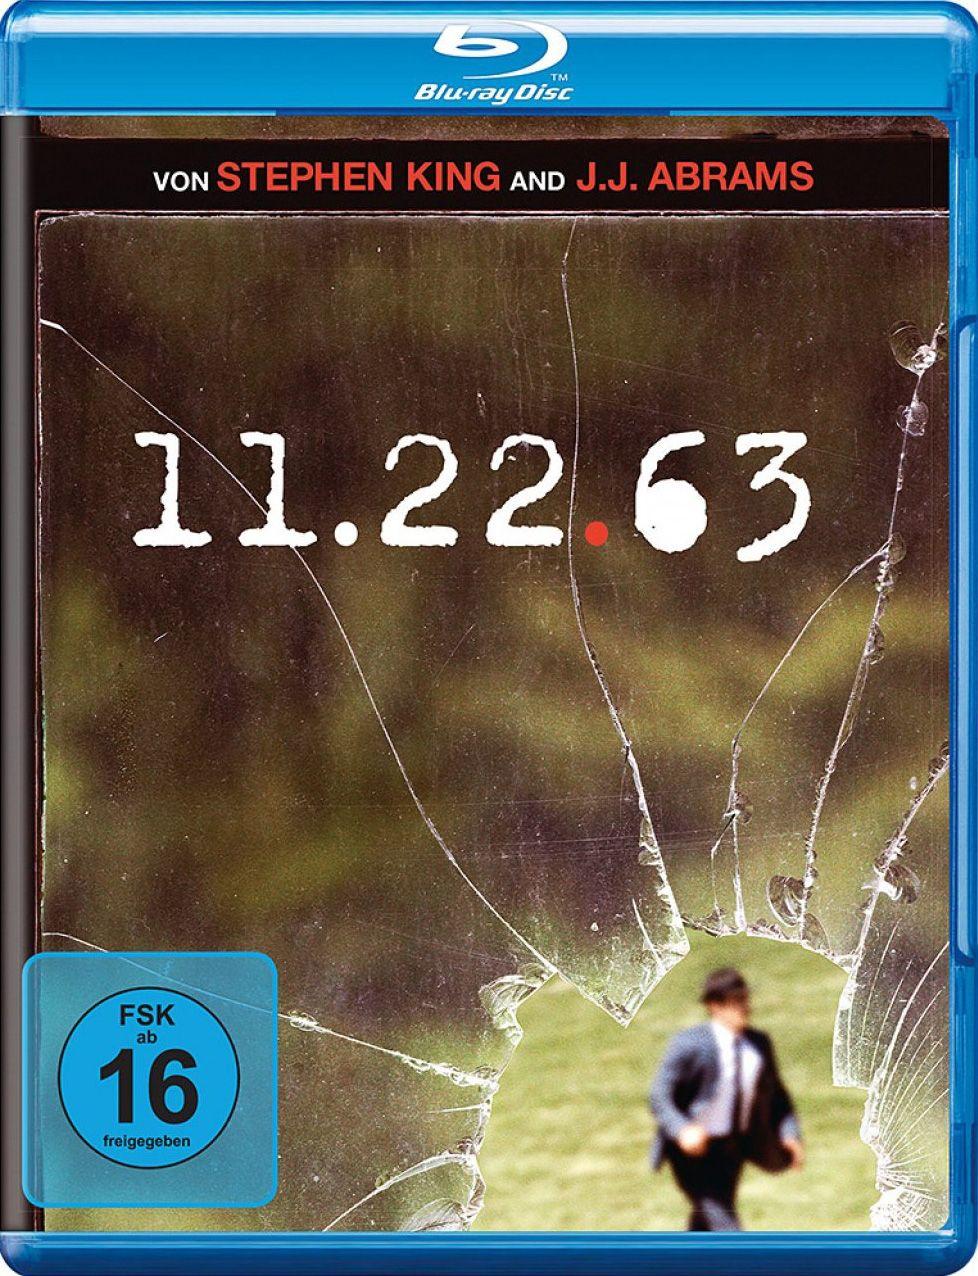 11.22.63 - Der Anschlag - Die komplette Serie (2 Discs) (BLURAY)